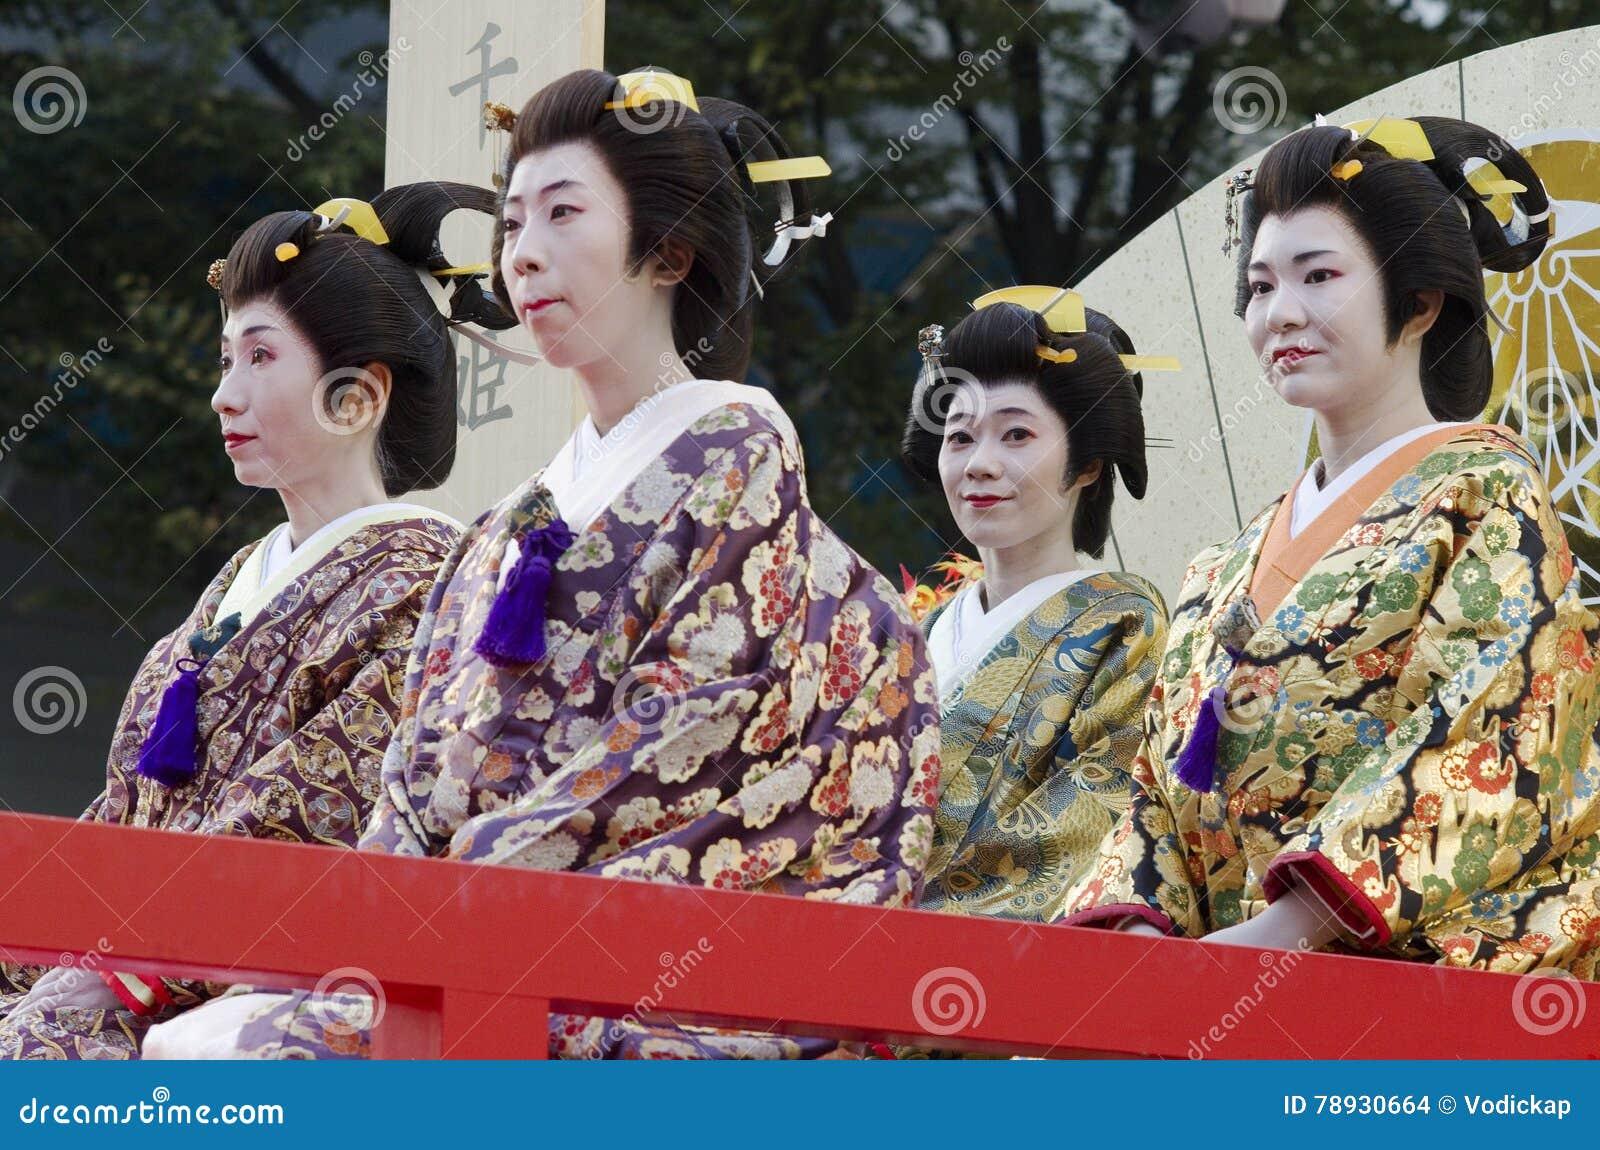 Geiko at Nagoya Festival, Japan